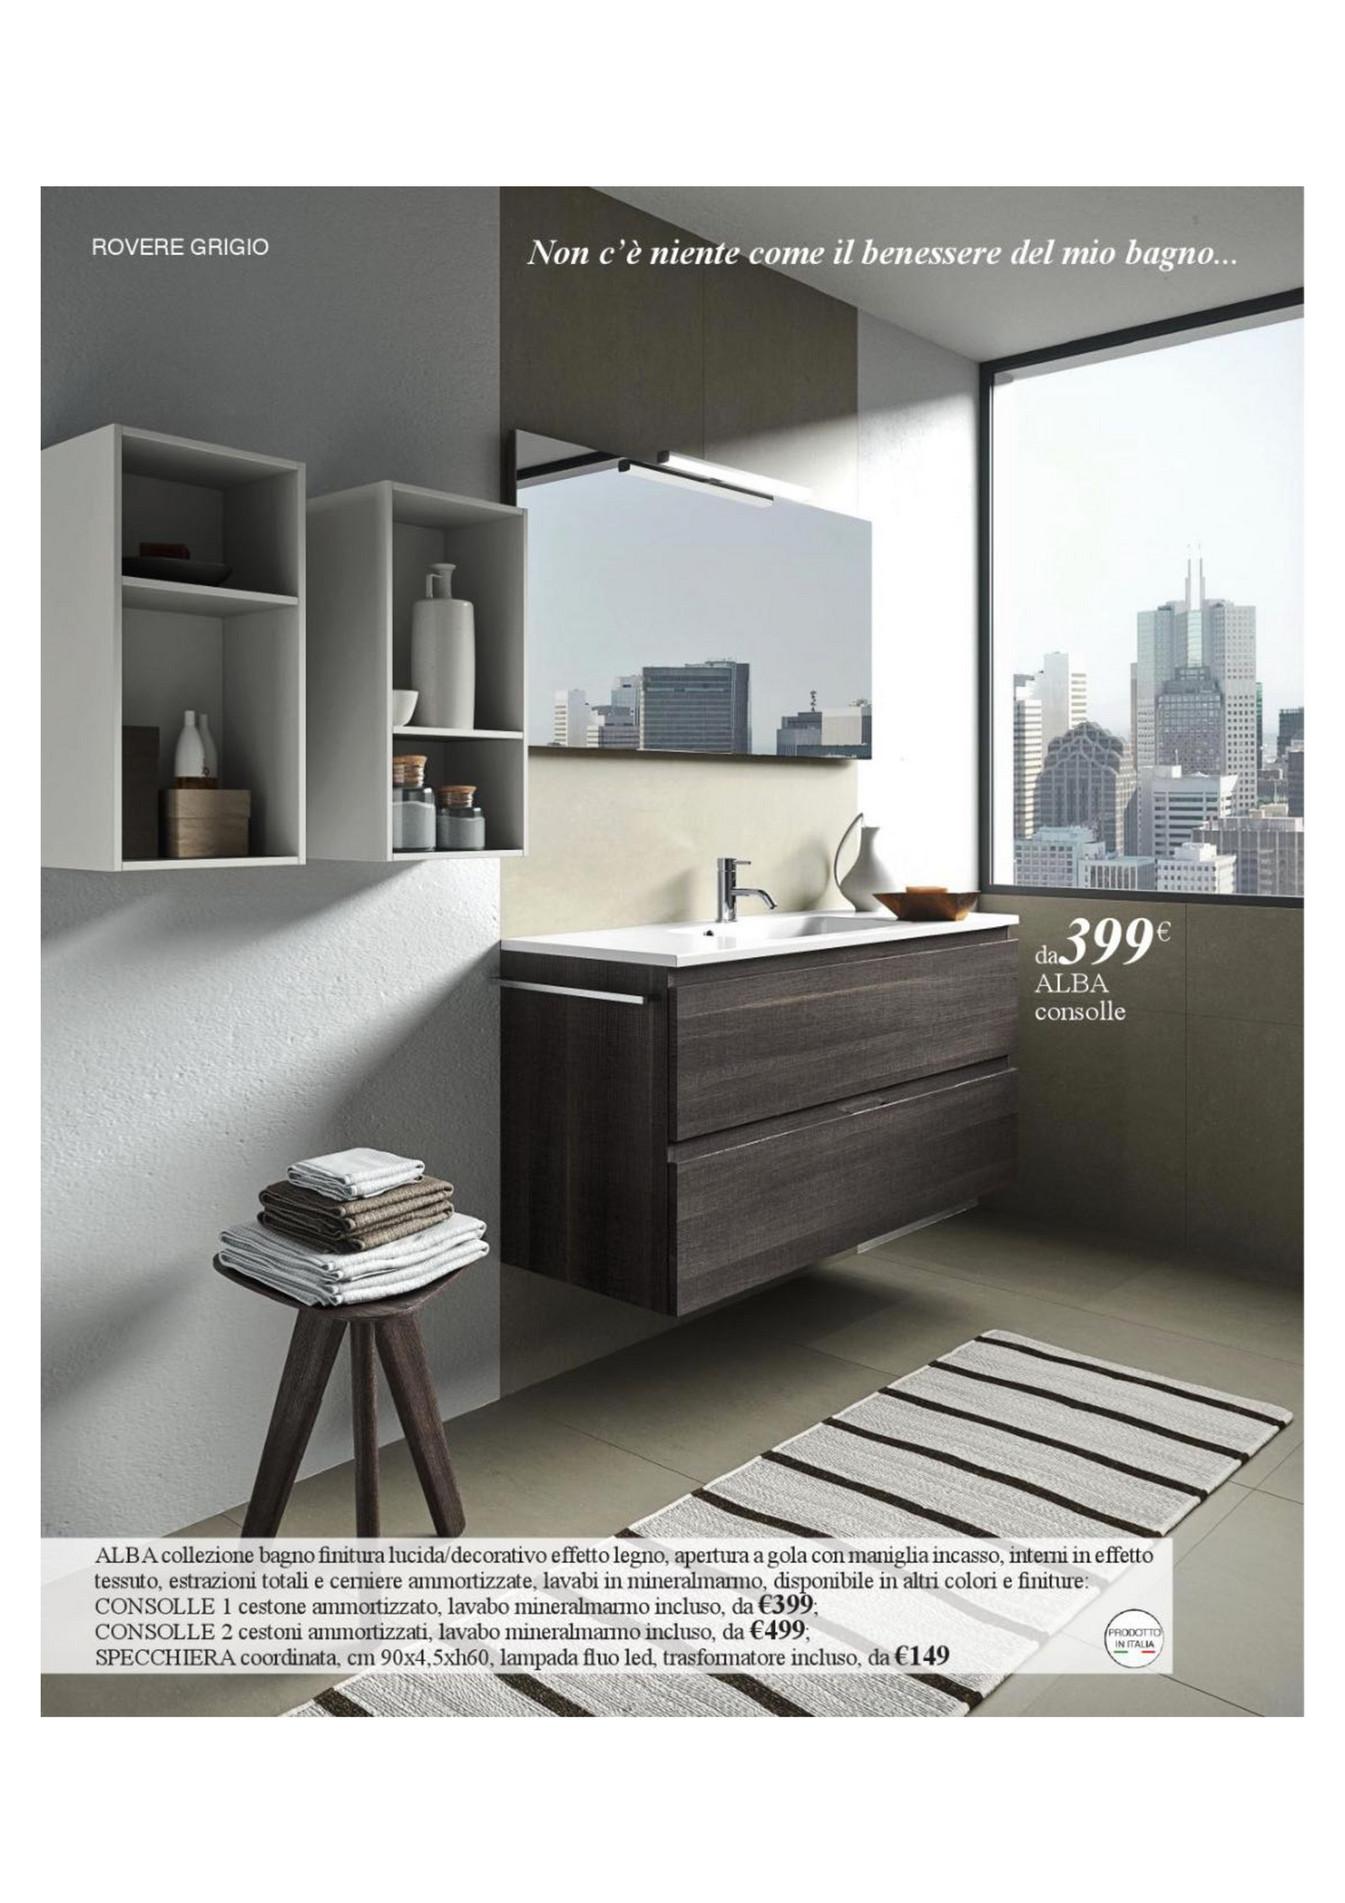 Bagni semeraro mobili per bagno roma with bagni semeraro for Semeraro arredo bagno